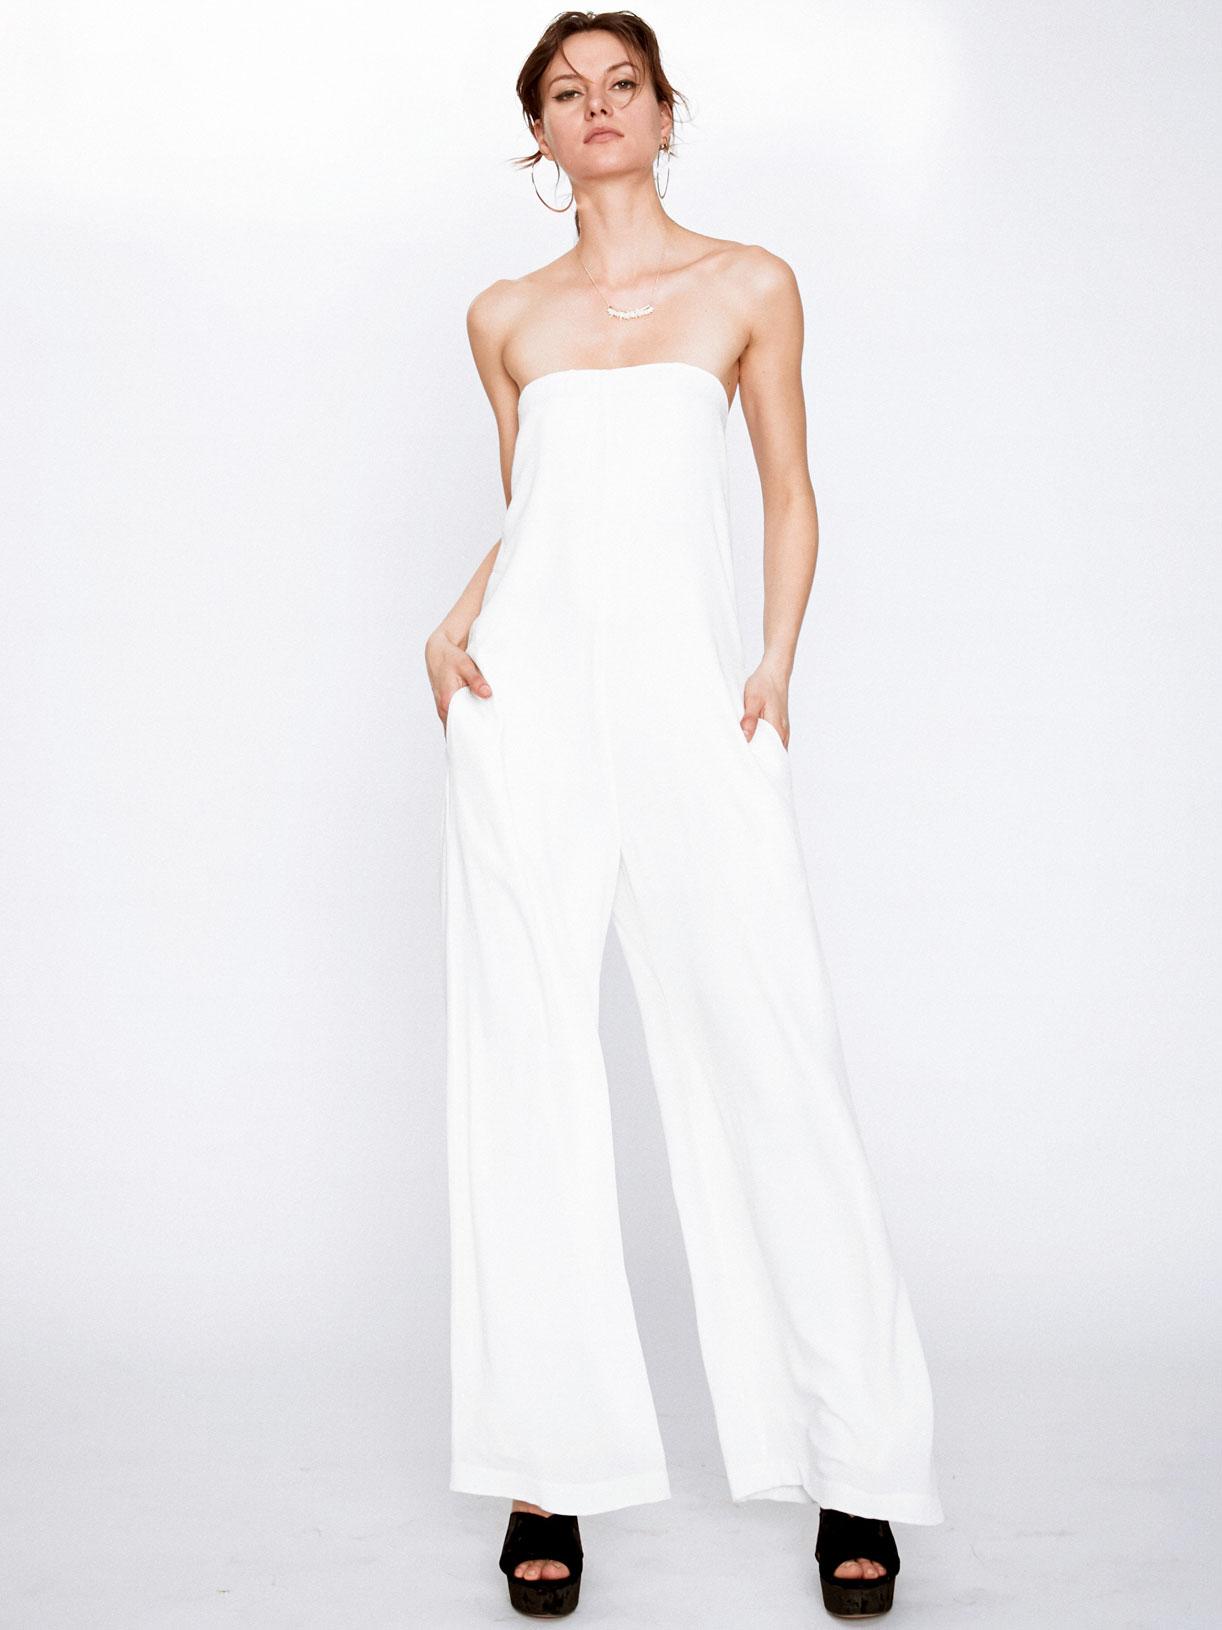 Combinaison large blanche écoresponsable - Creatrice de mode éthique et bio a Paris - Myphilosophy